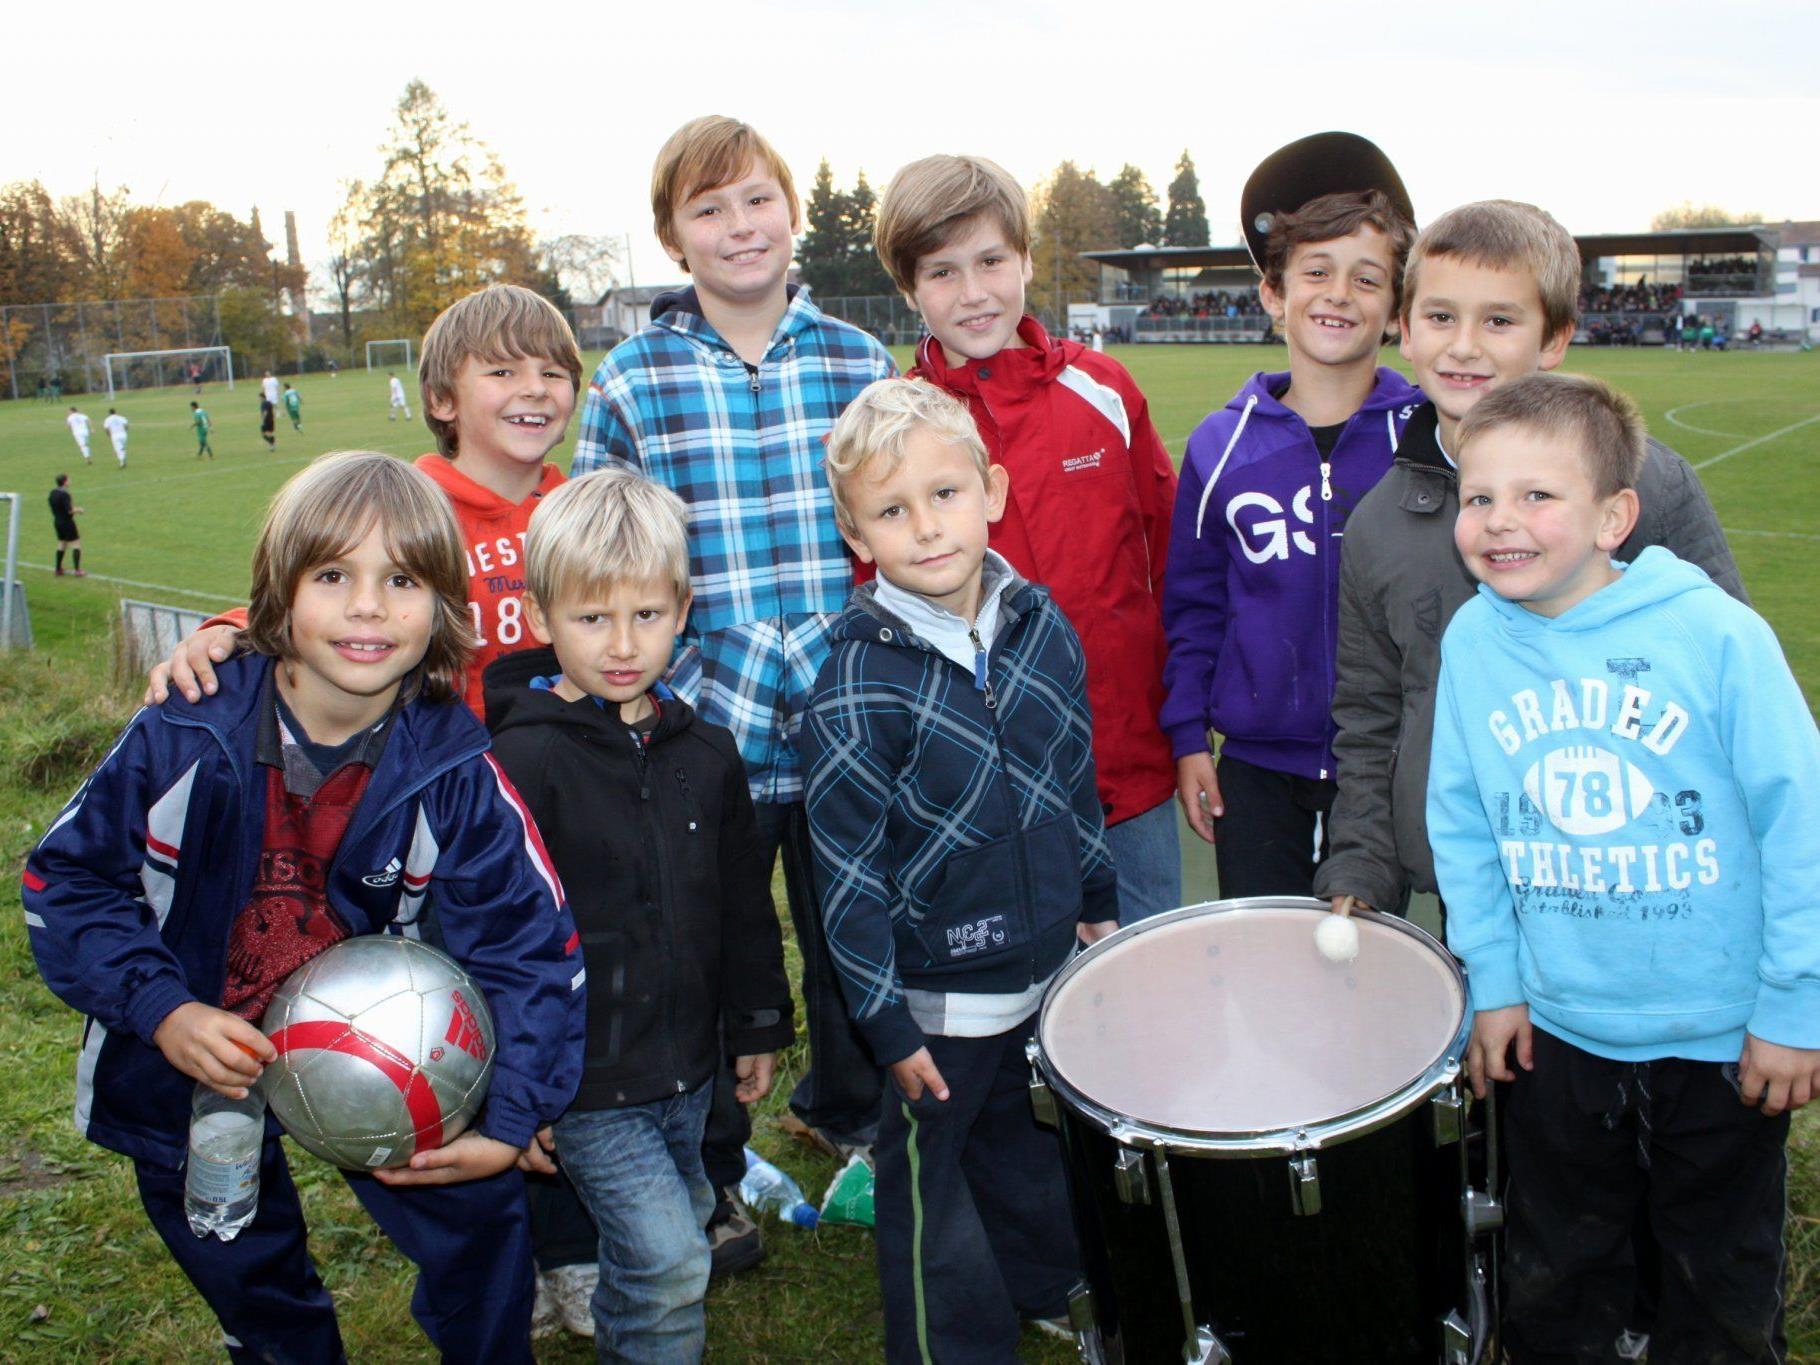 Auch die jungen SV-Typico-Lochau-Fans werden ihr Team wieder lautstark unterstützen.